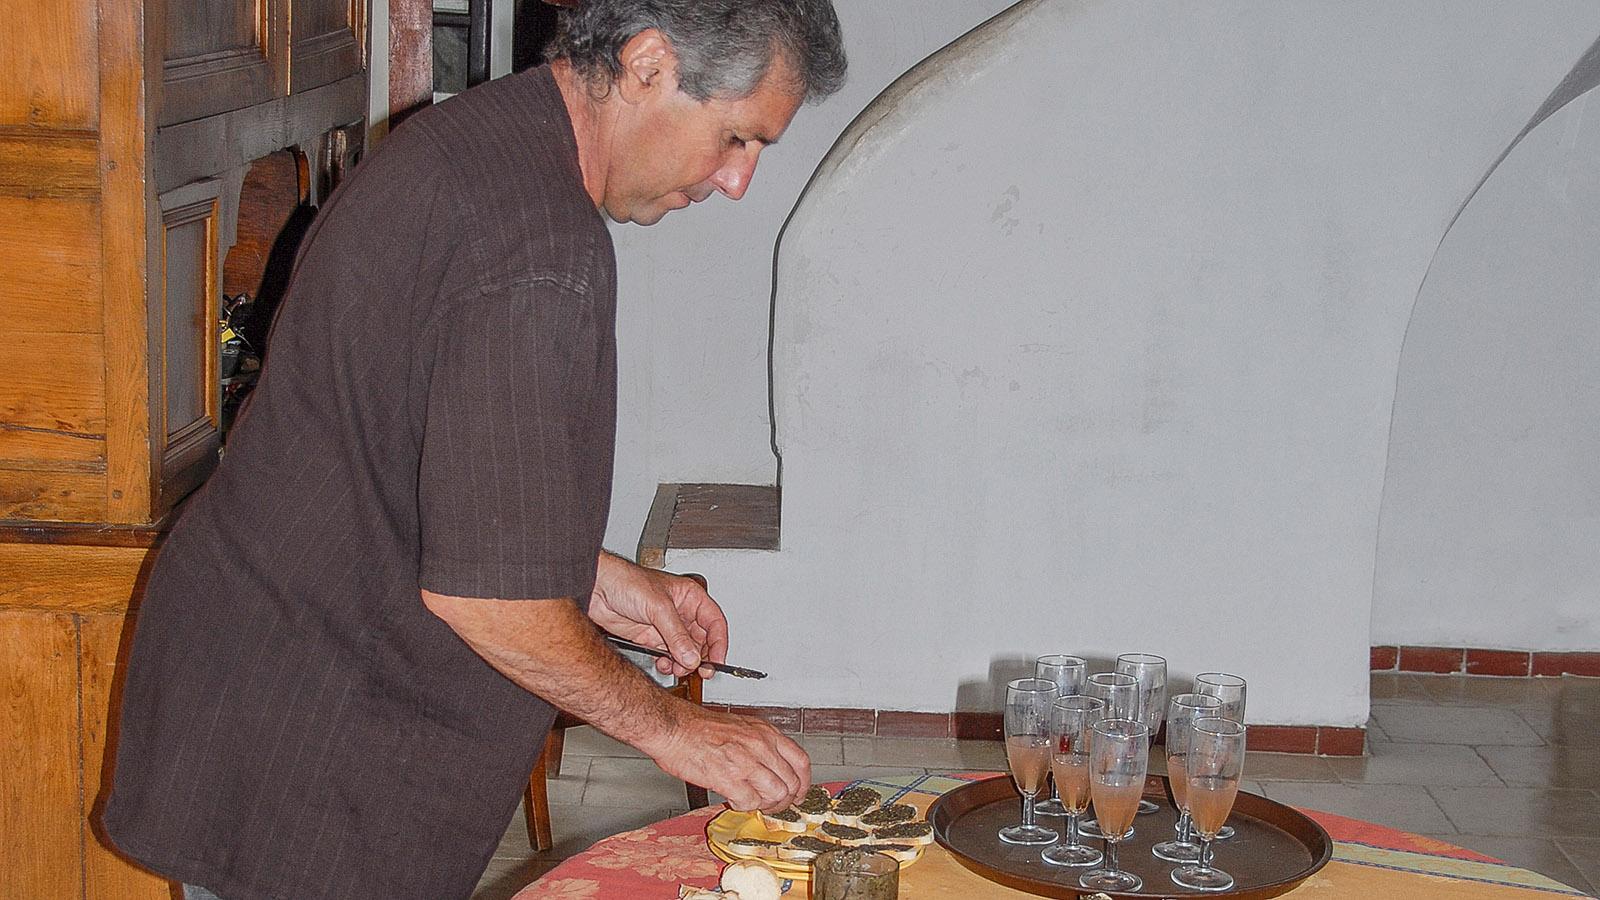 La Milhauque: Gérard Barbouteau bereitet den Apéro vor. Foto: Hilke Maunder